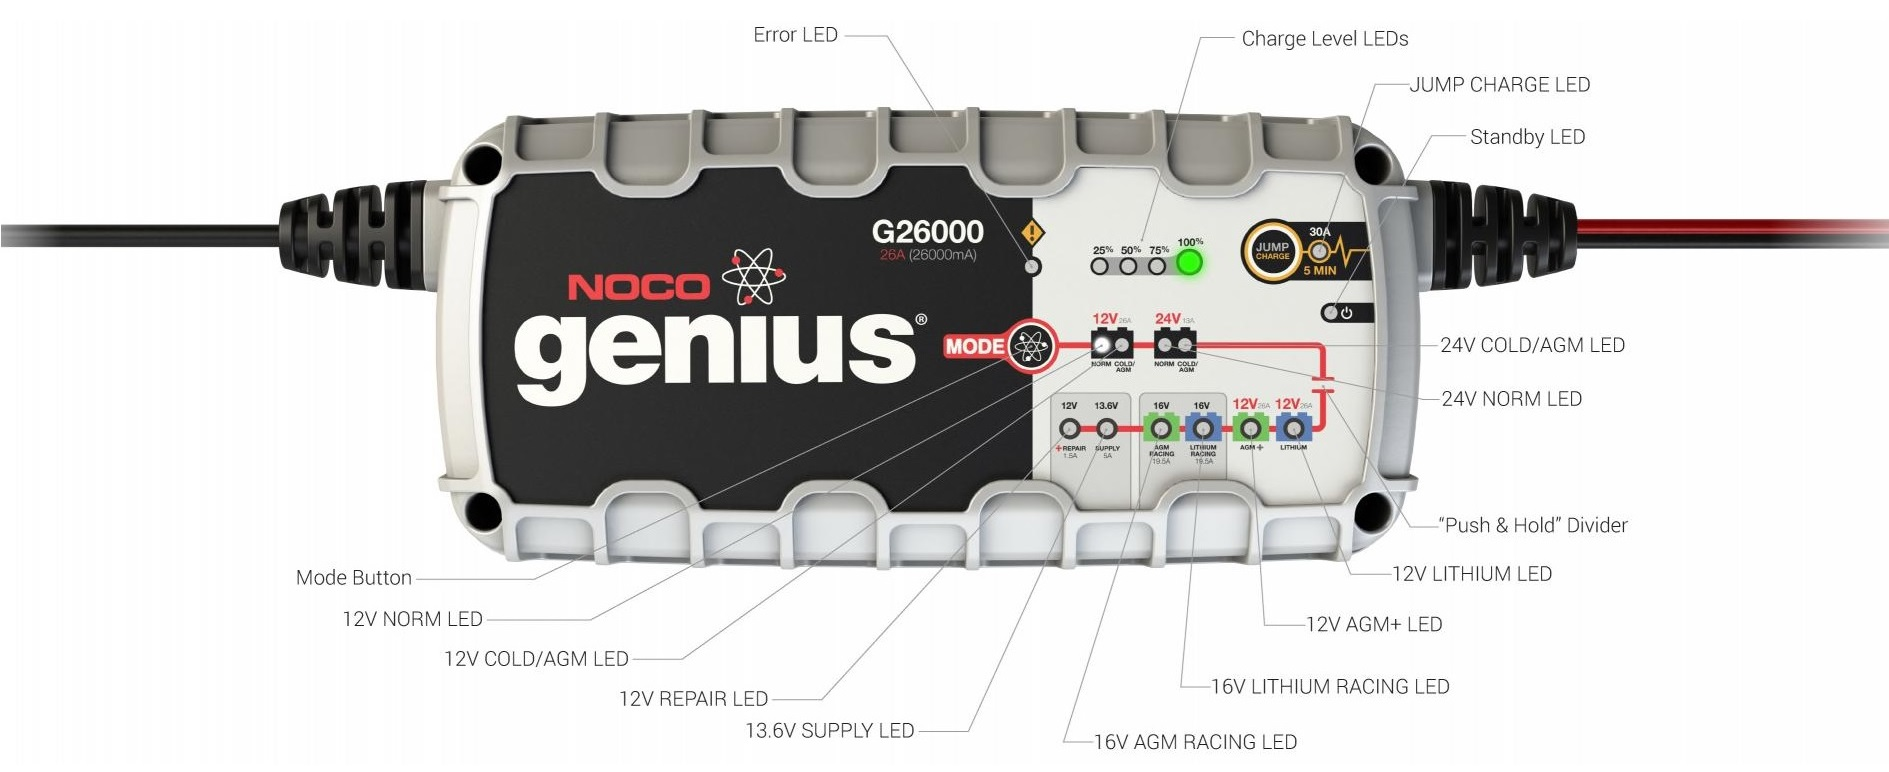 noco-genius-g26000-1-hardware-pro